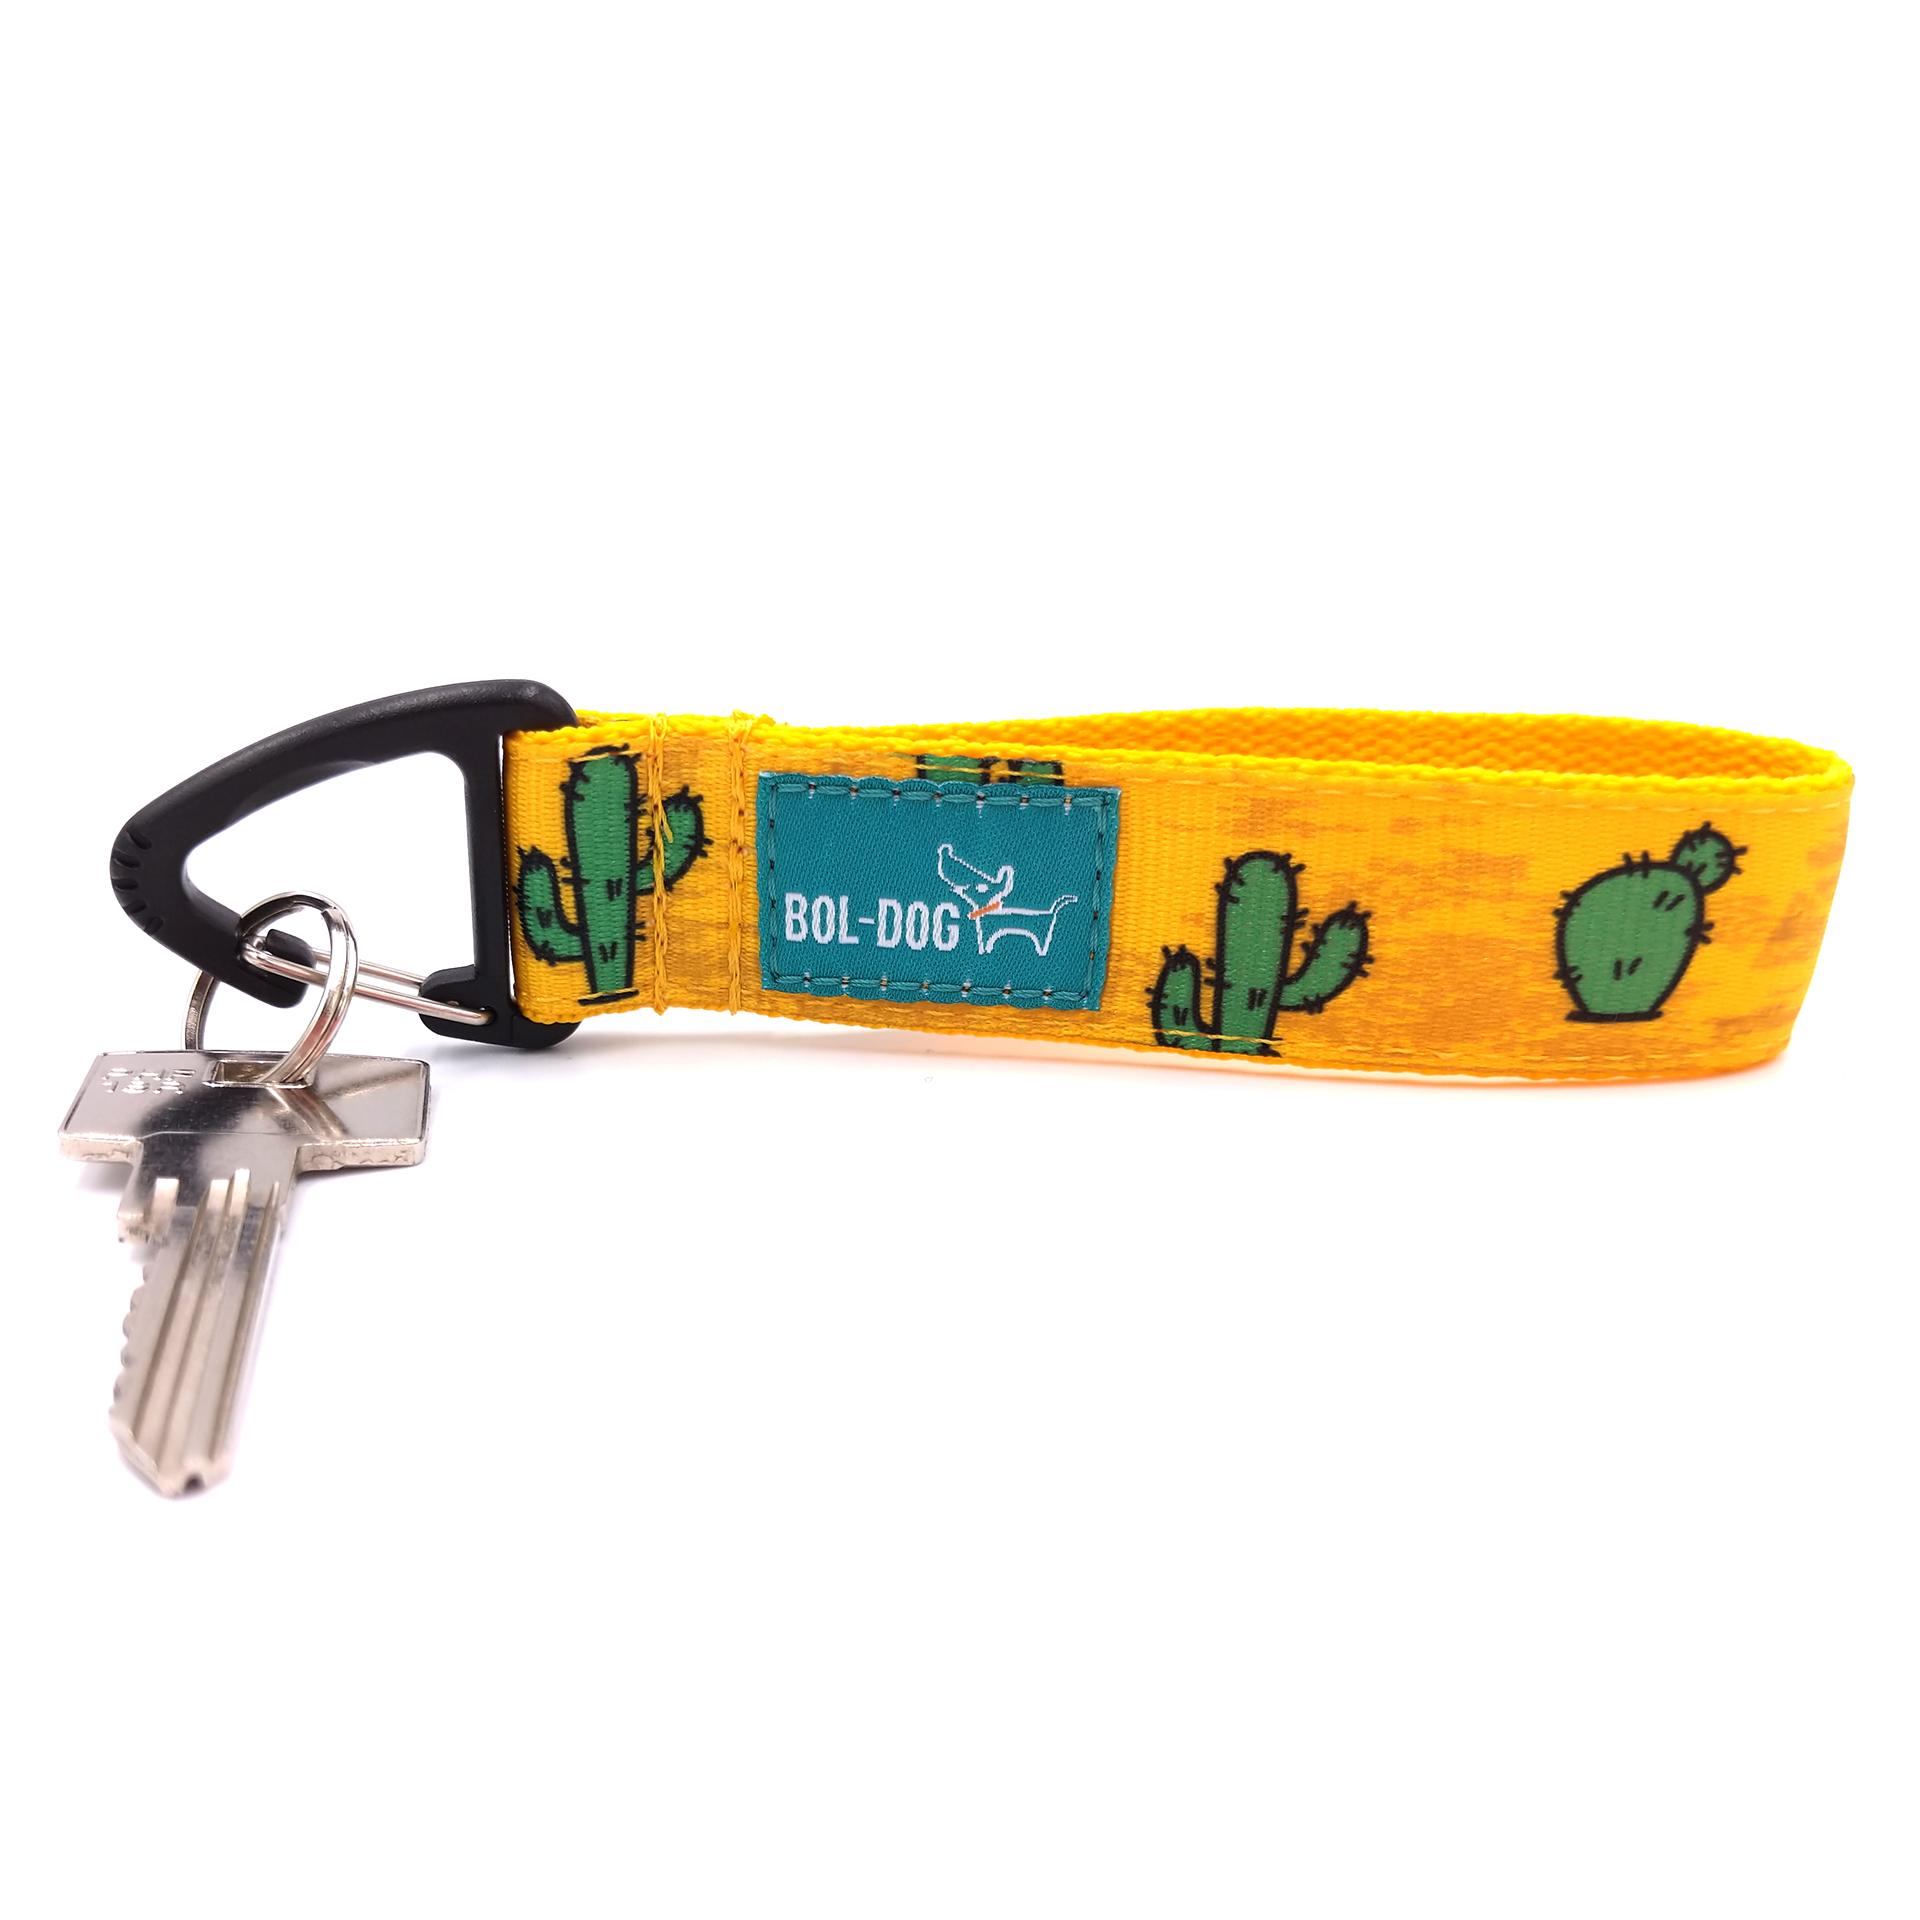 Cactus key holder